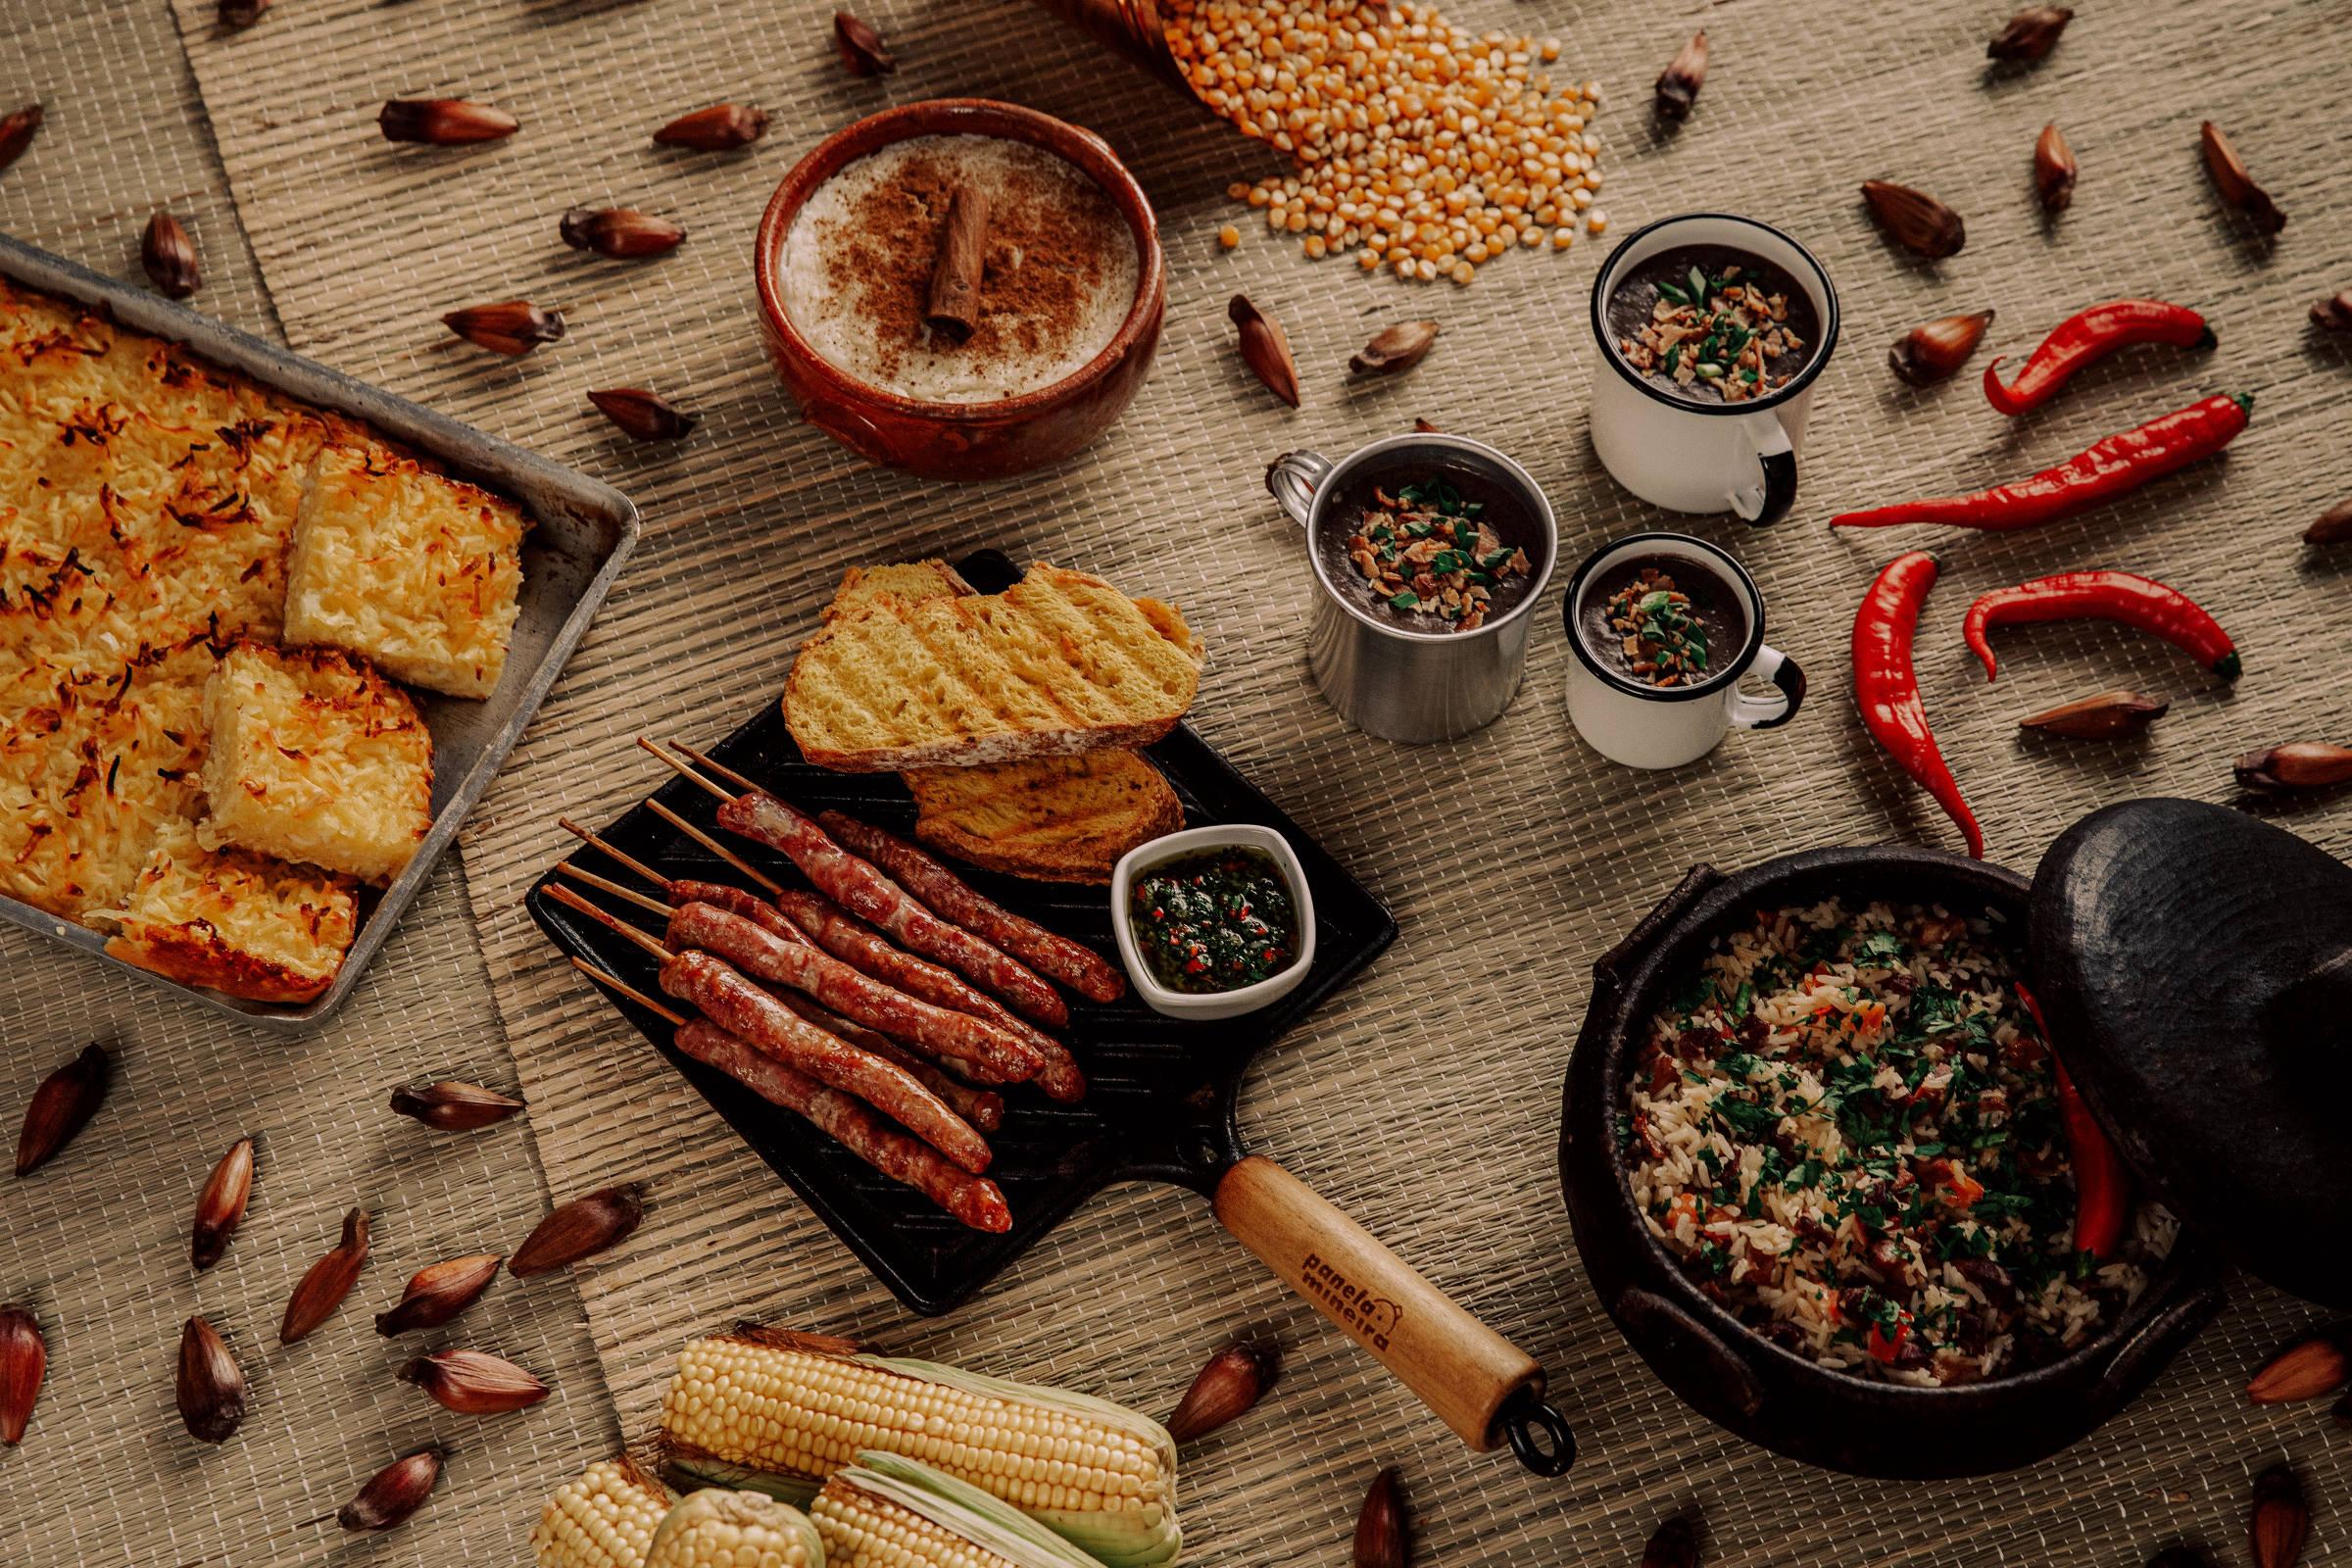 Festas juninas: aprenda cinco receitas típicas para fazer quermesse em casa